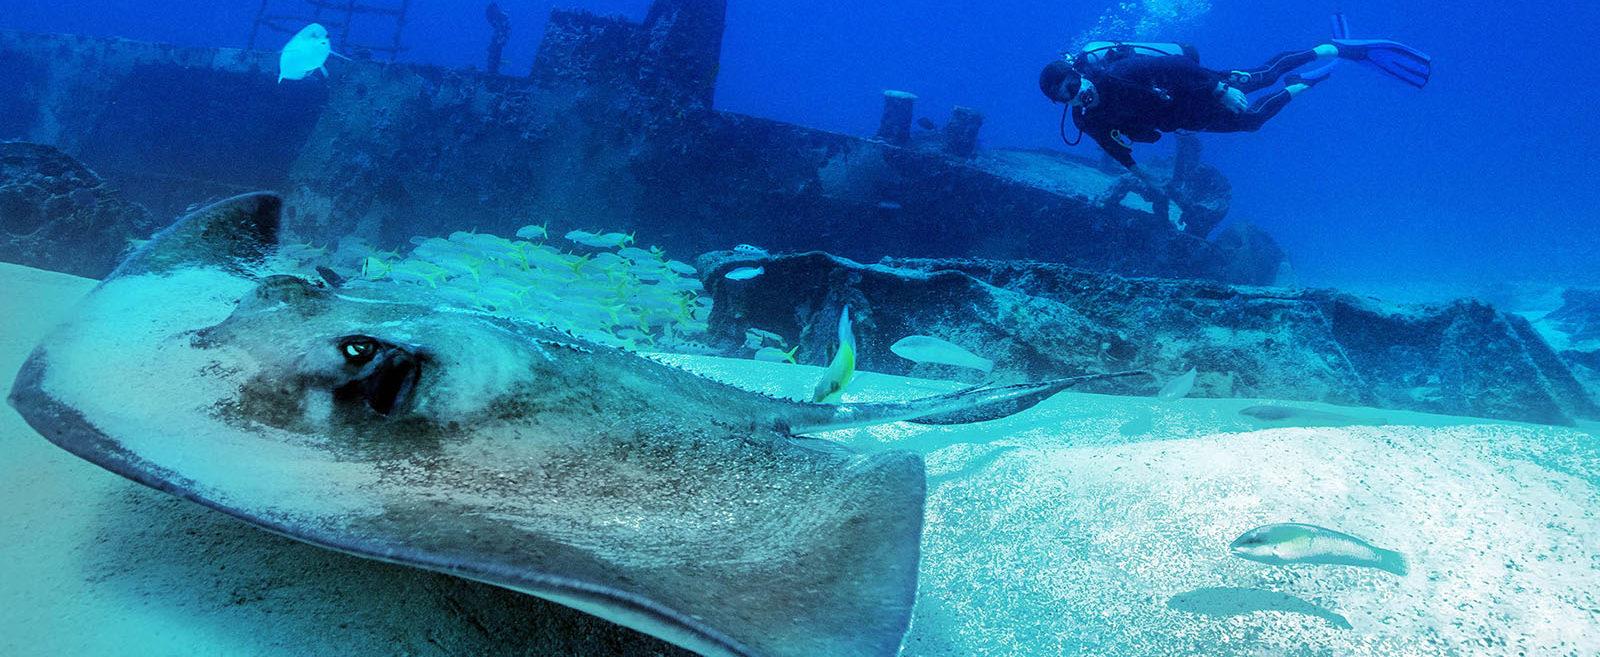 Mexico, Isla Mujeres, Canonero 55 Wreck, Sting Ray